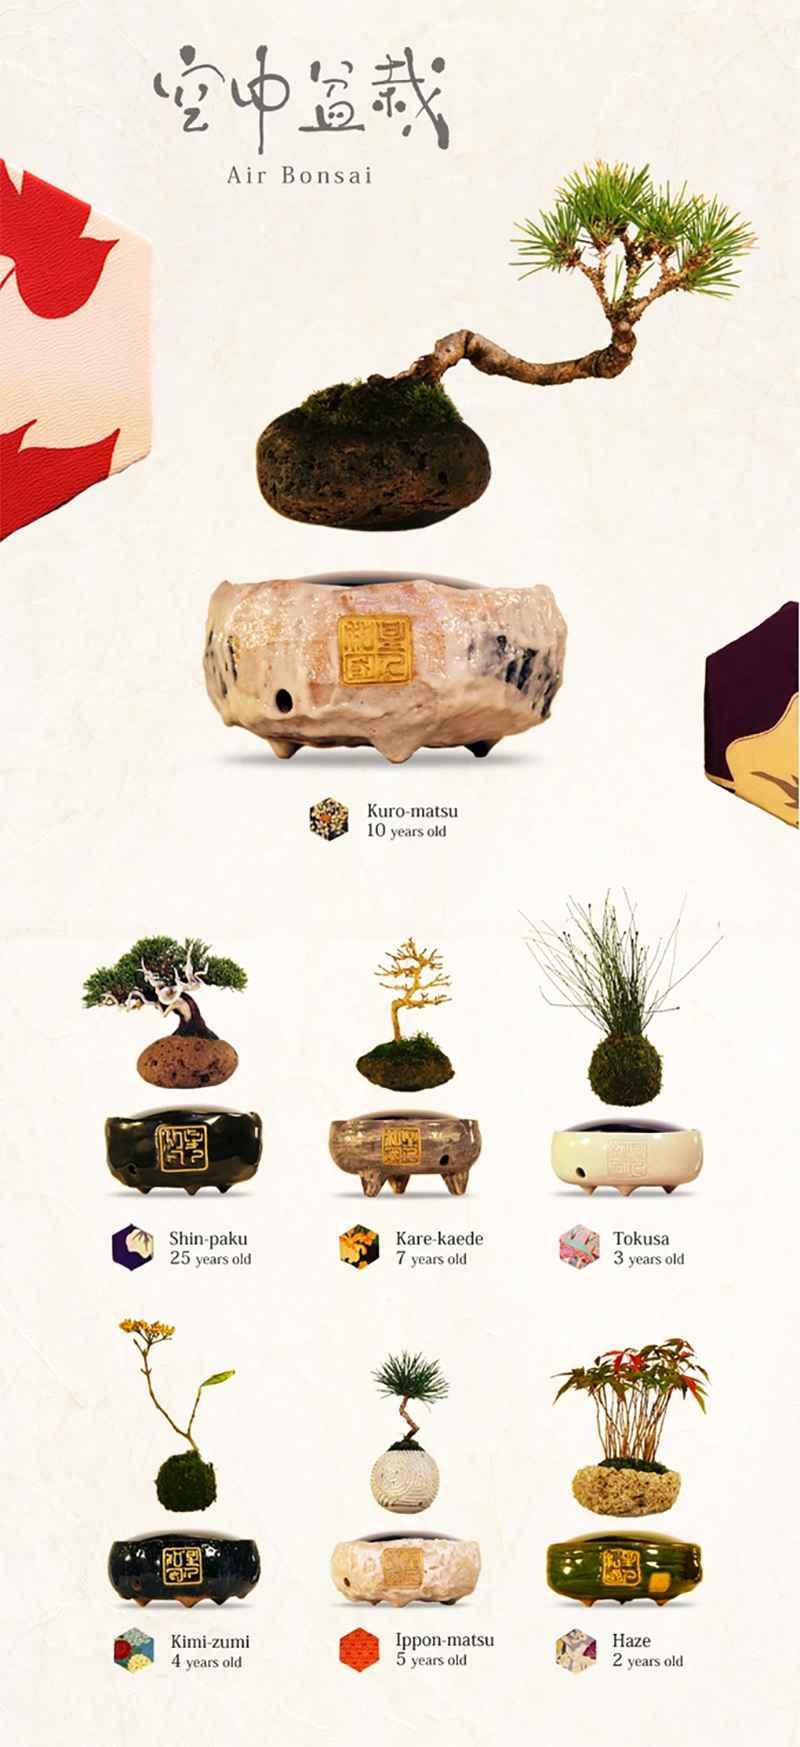 Air_bonsai_Japon_2016_Neozone001